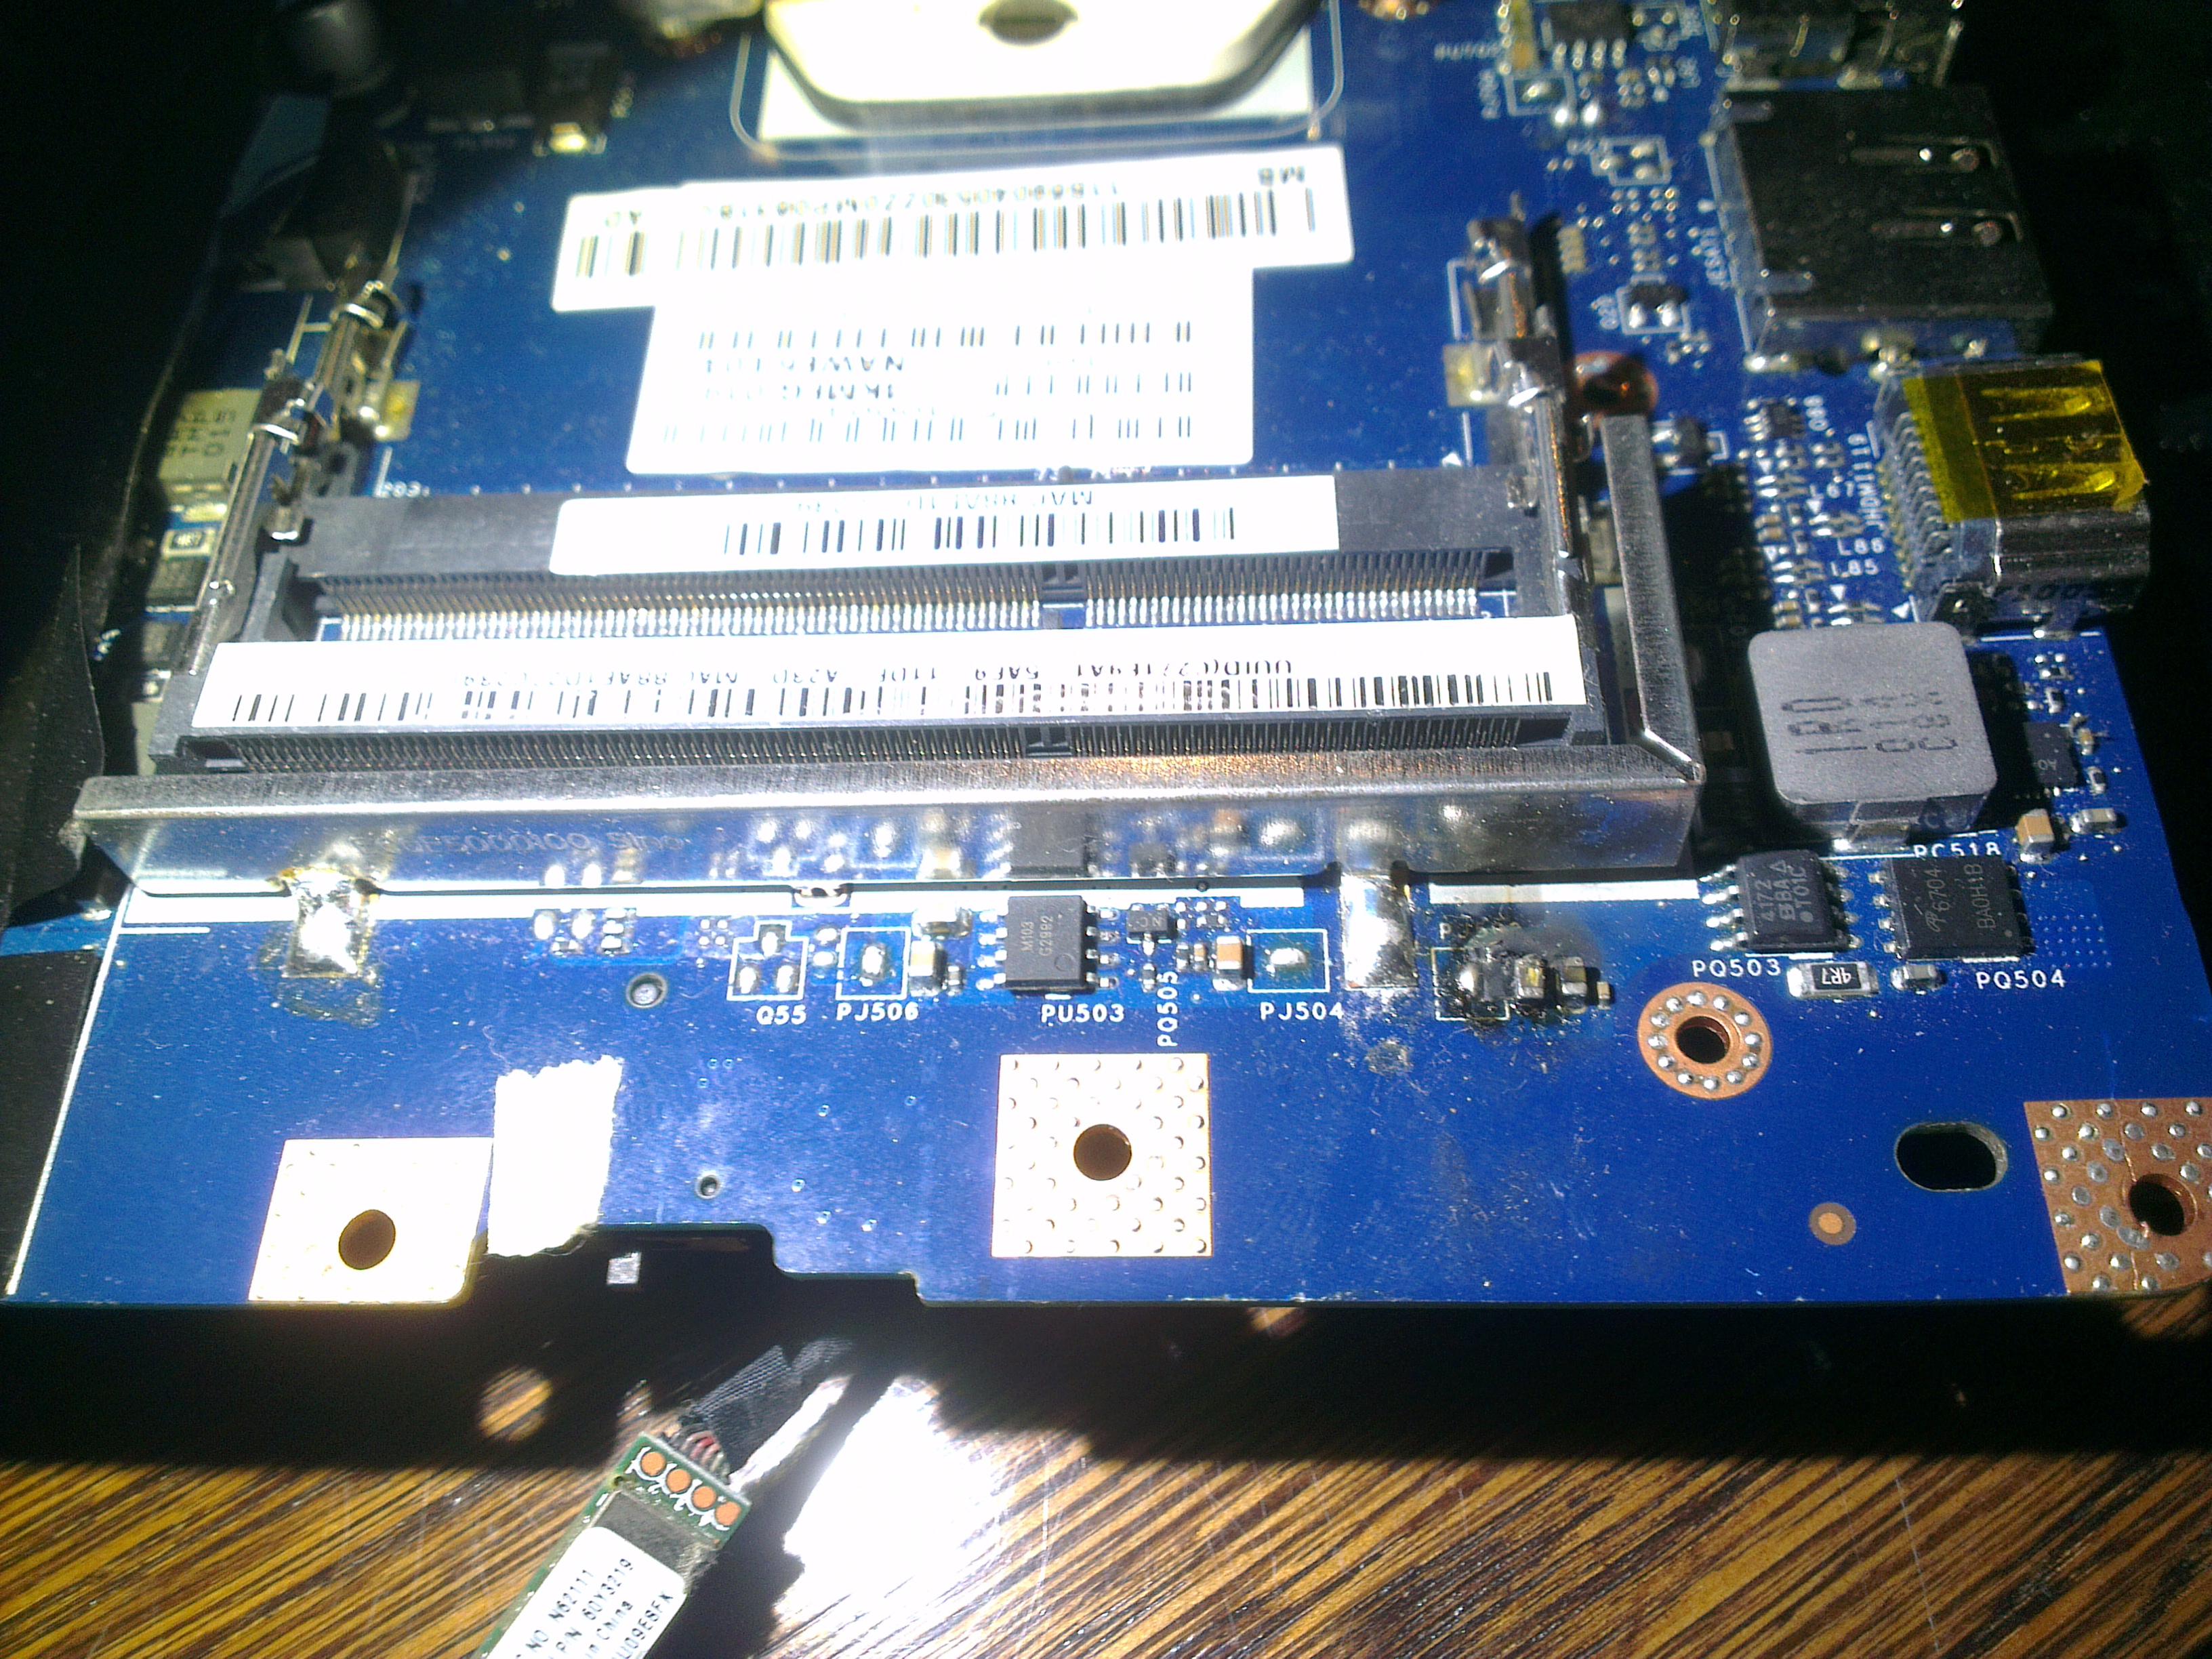 [Zlec�] Napraw� p�yty g��wnej NAWE6 LA - 5754P  (Lenovo Z565)